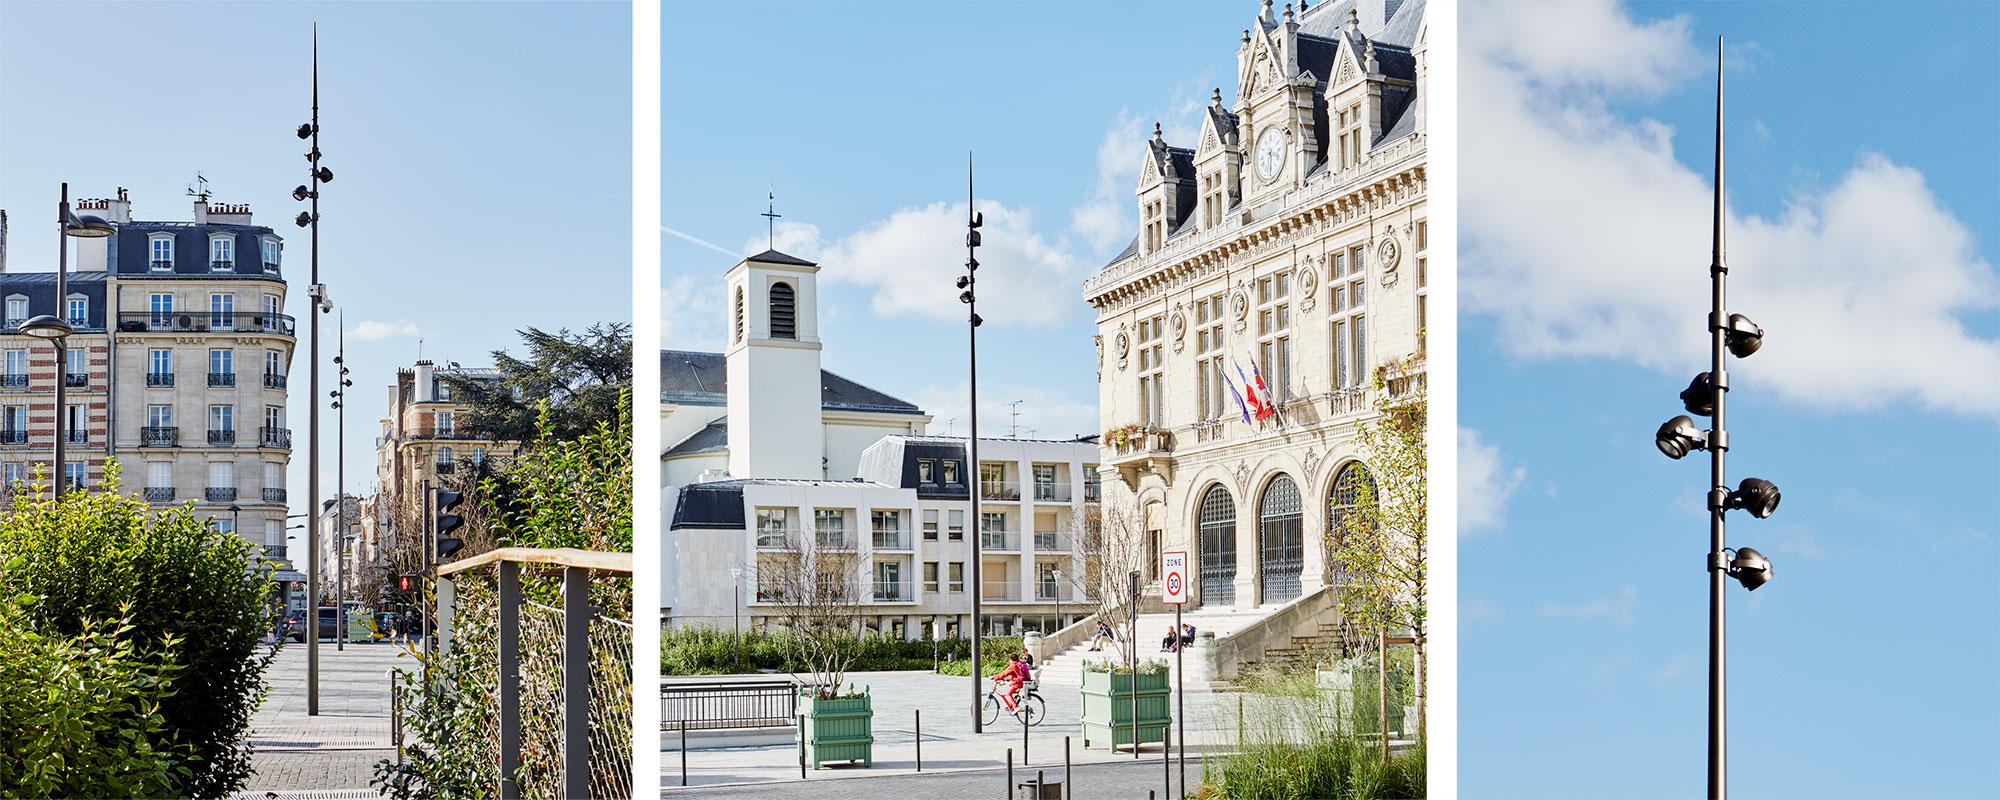 D_Vincennes-hotel-de-ville2